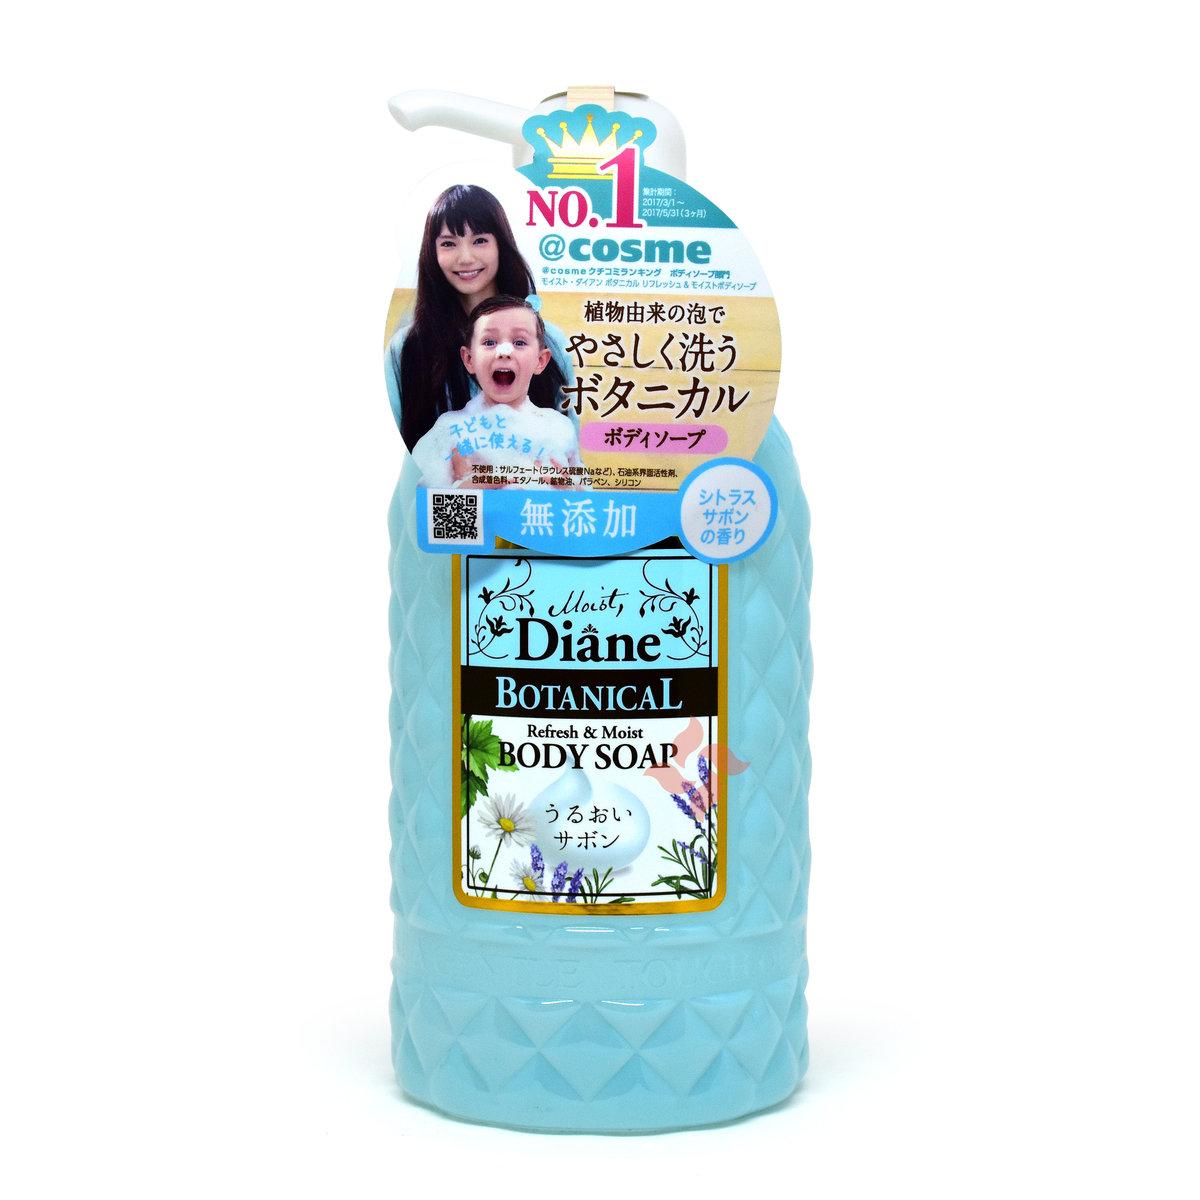 Sữa Tắm Tinh Dầu Moist Diane Body Soap hương bạc hà 500ml - Hàng Nhật nội địa